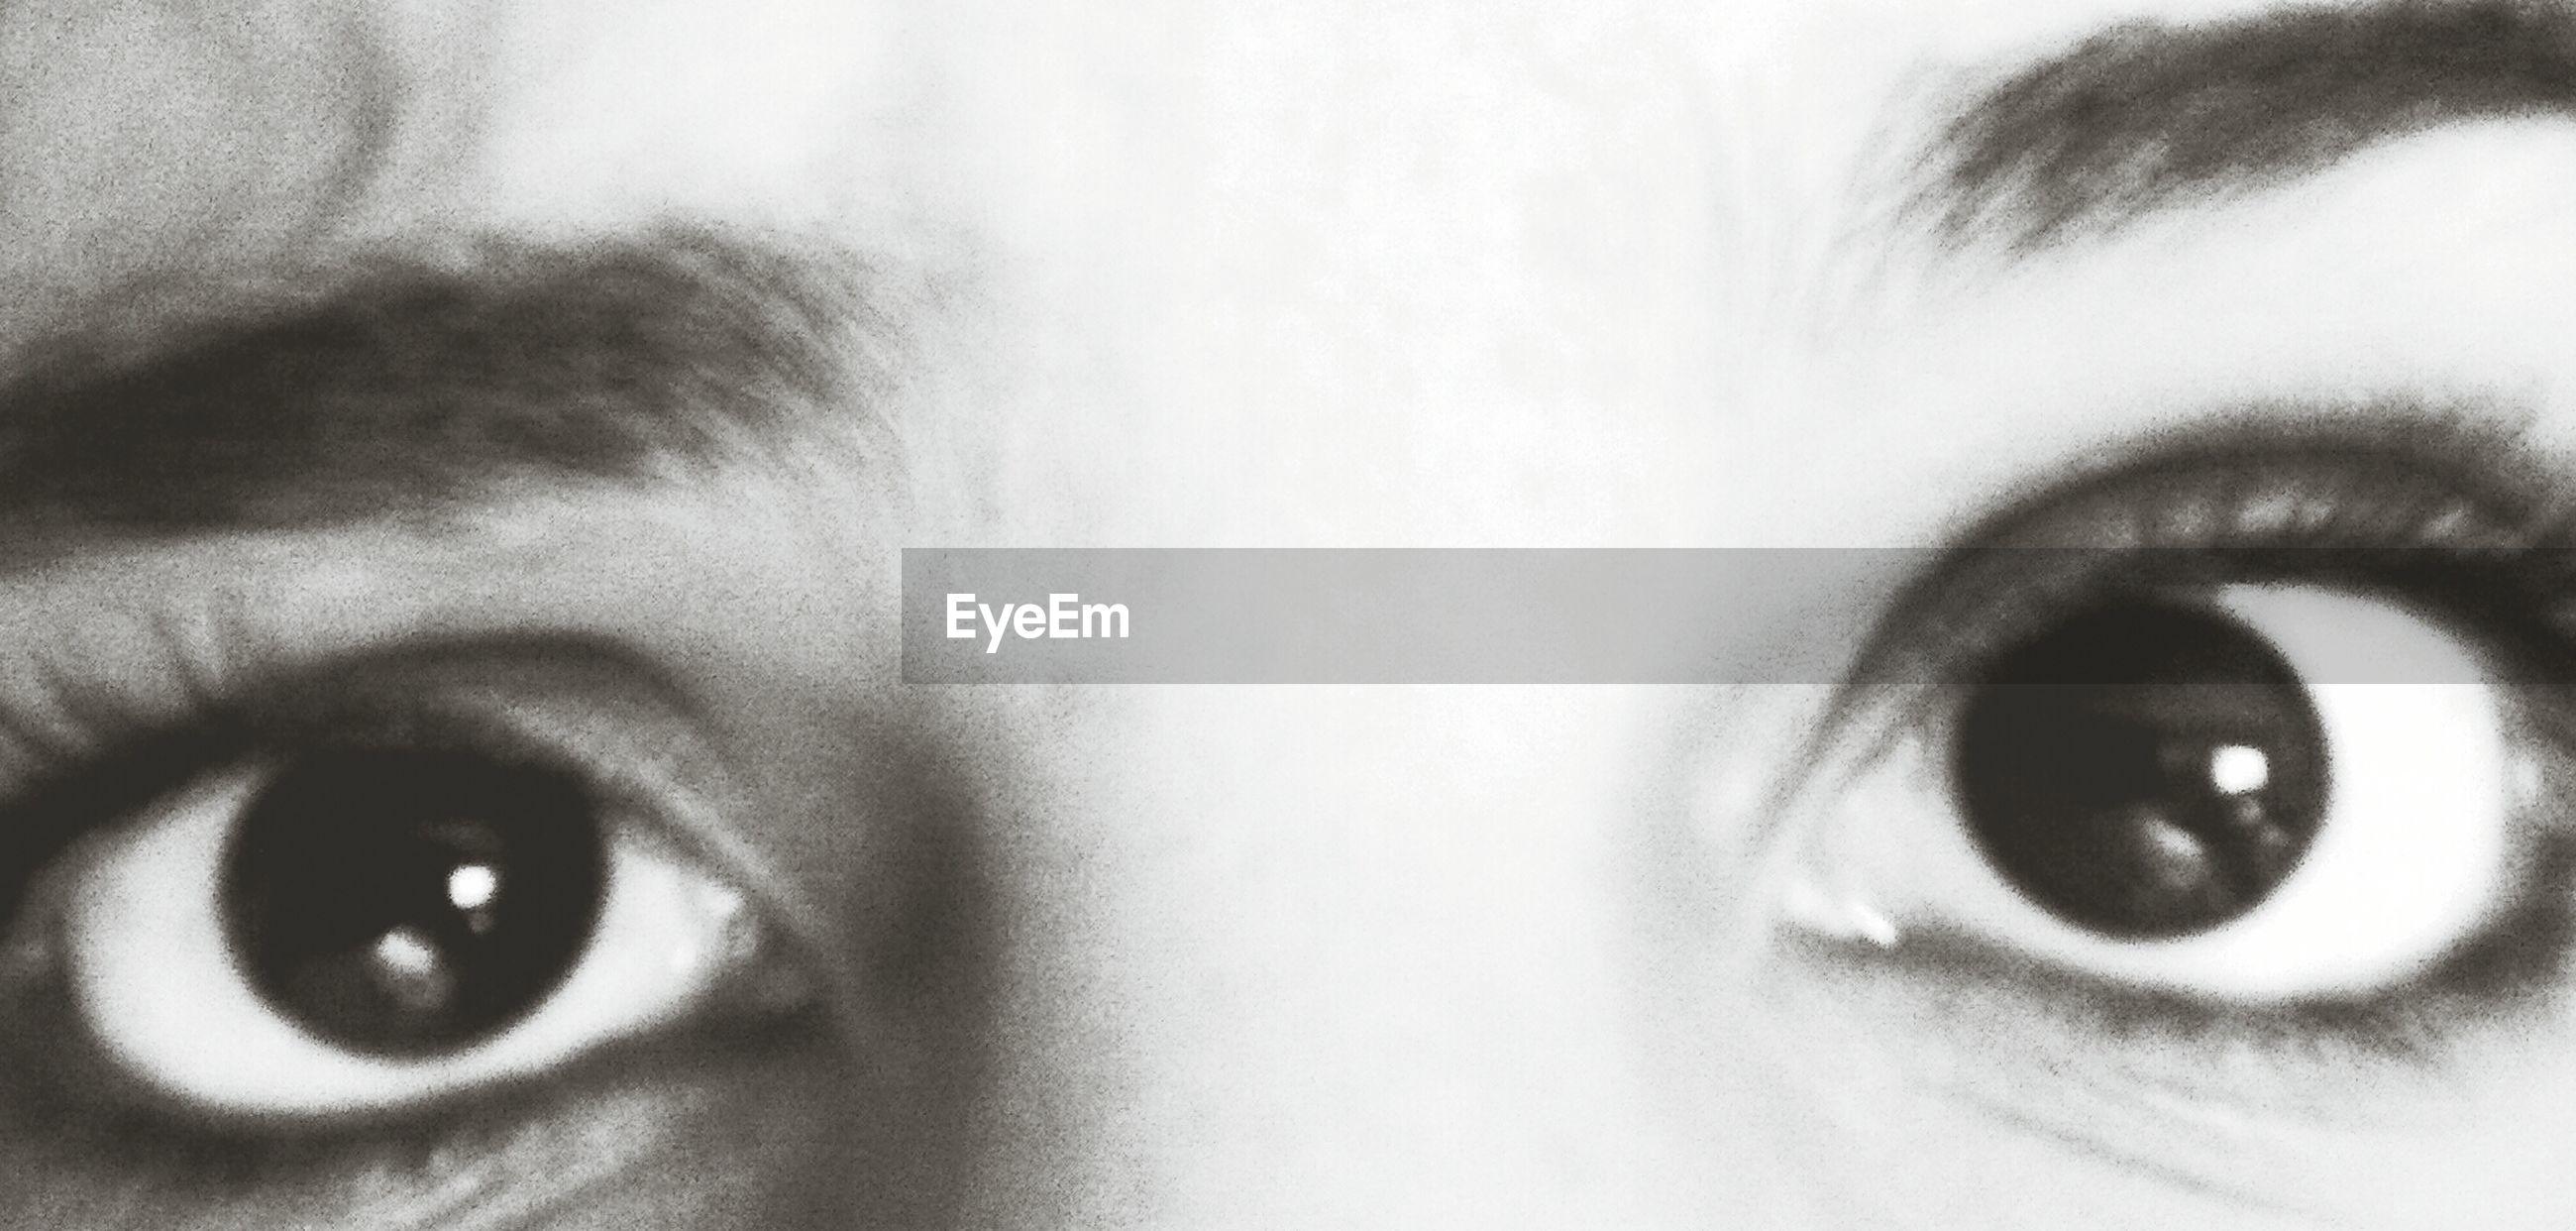 human eye, close-up, looking at camera, portrait, eyelash, part of, eyesight, indoors, sensory perception, human face, extreme close-up, headshot, extreme close up, staring, full frame, detail, eyeball